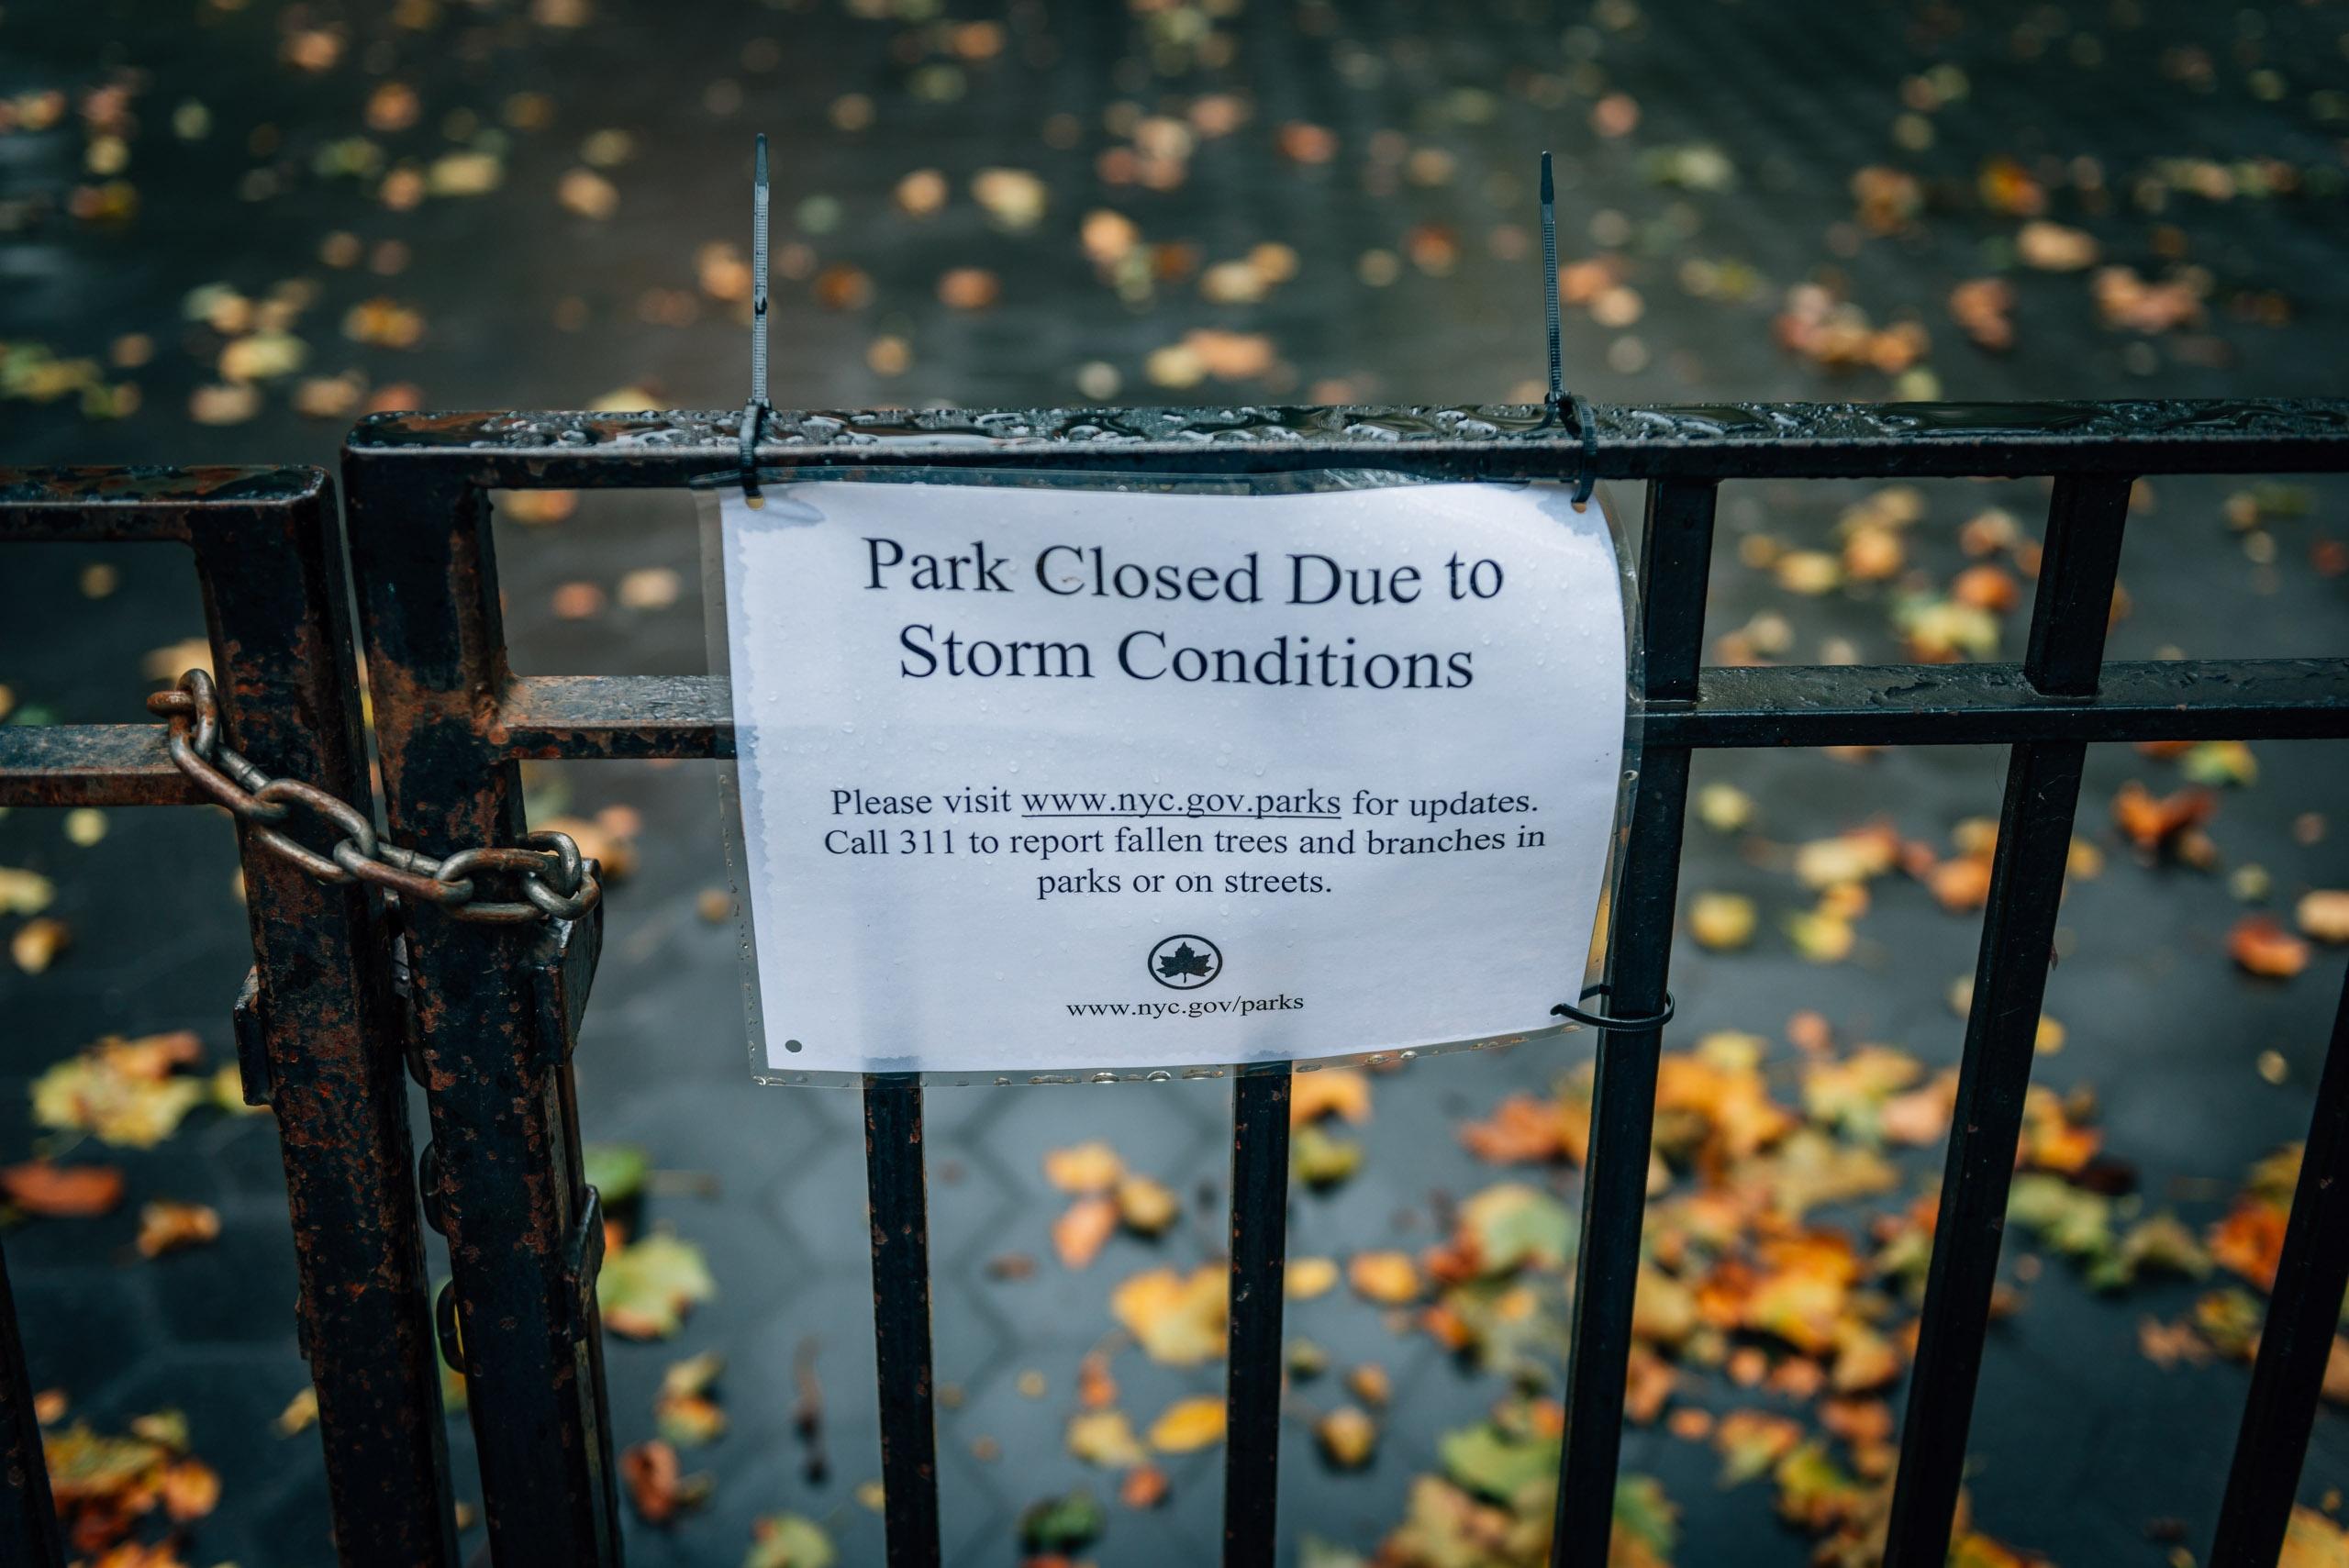 Park Closed